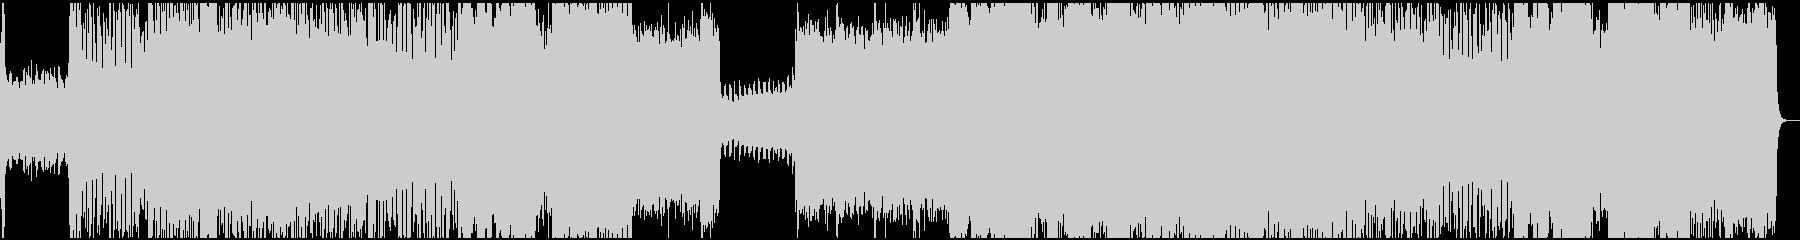 オーケストラによる戦闘BGMの未再生の波形